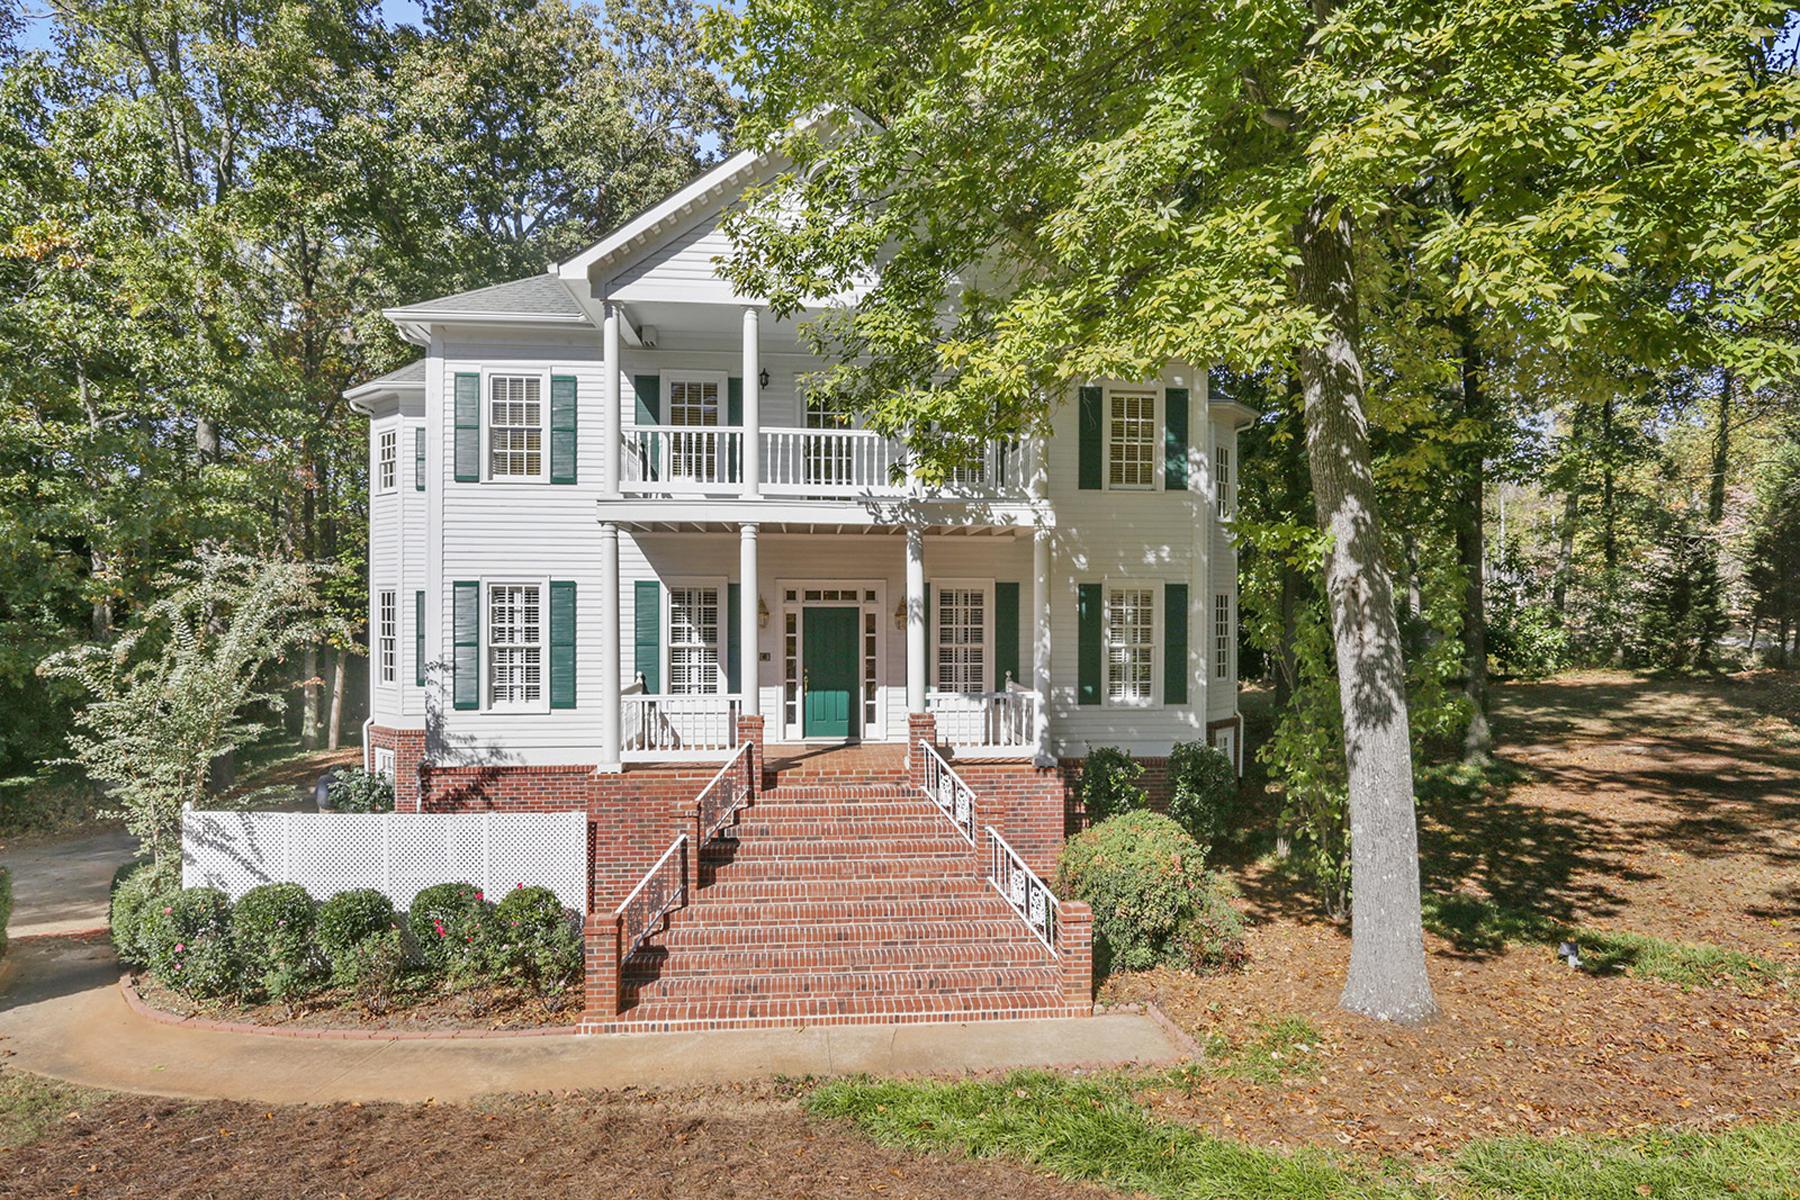 独户住宅 为 销售 在 Gorgeous Antebellum Reproduction 101 Old Mountain Road 保德河, 乔治亚州, 30127 美国